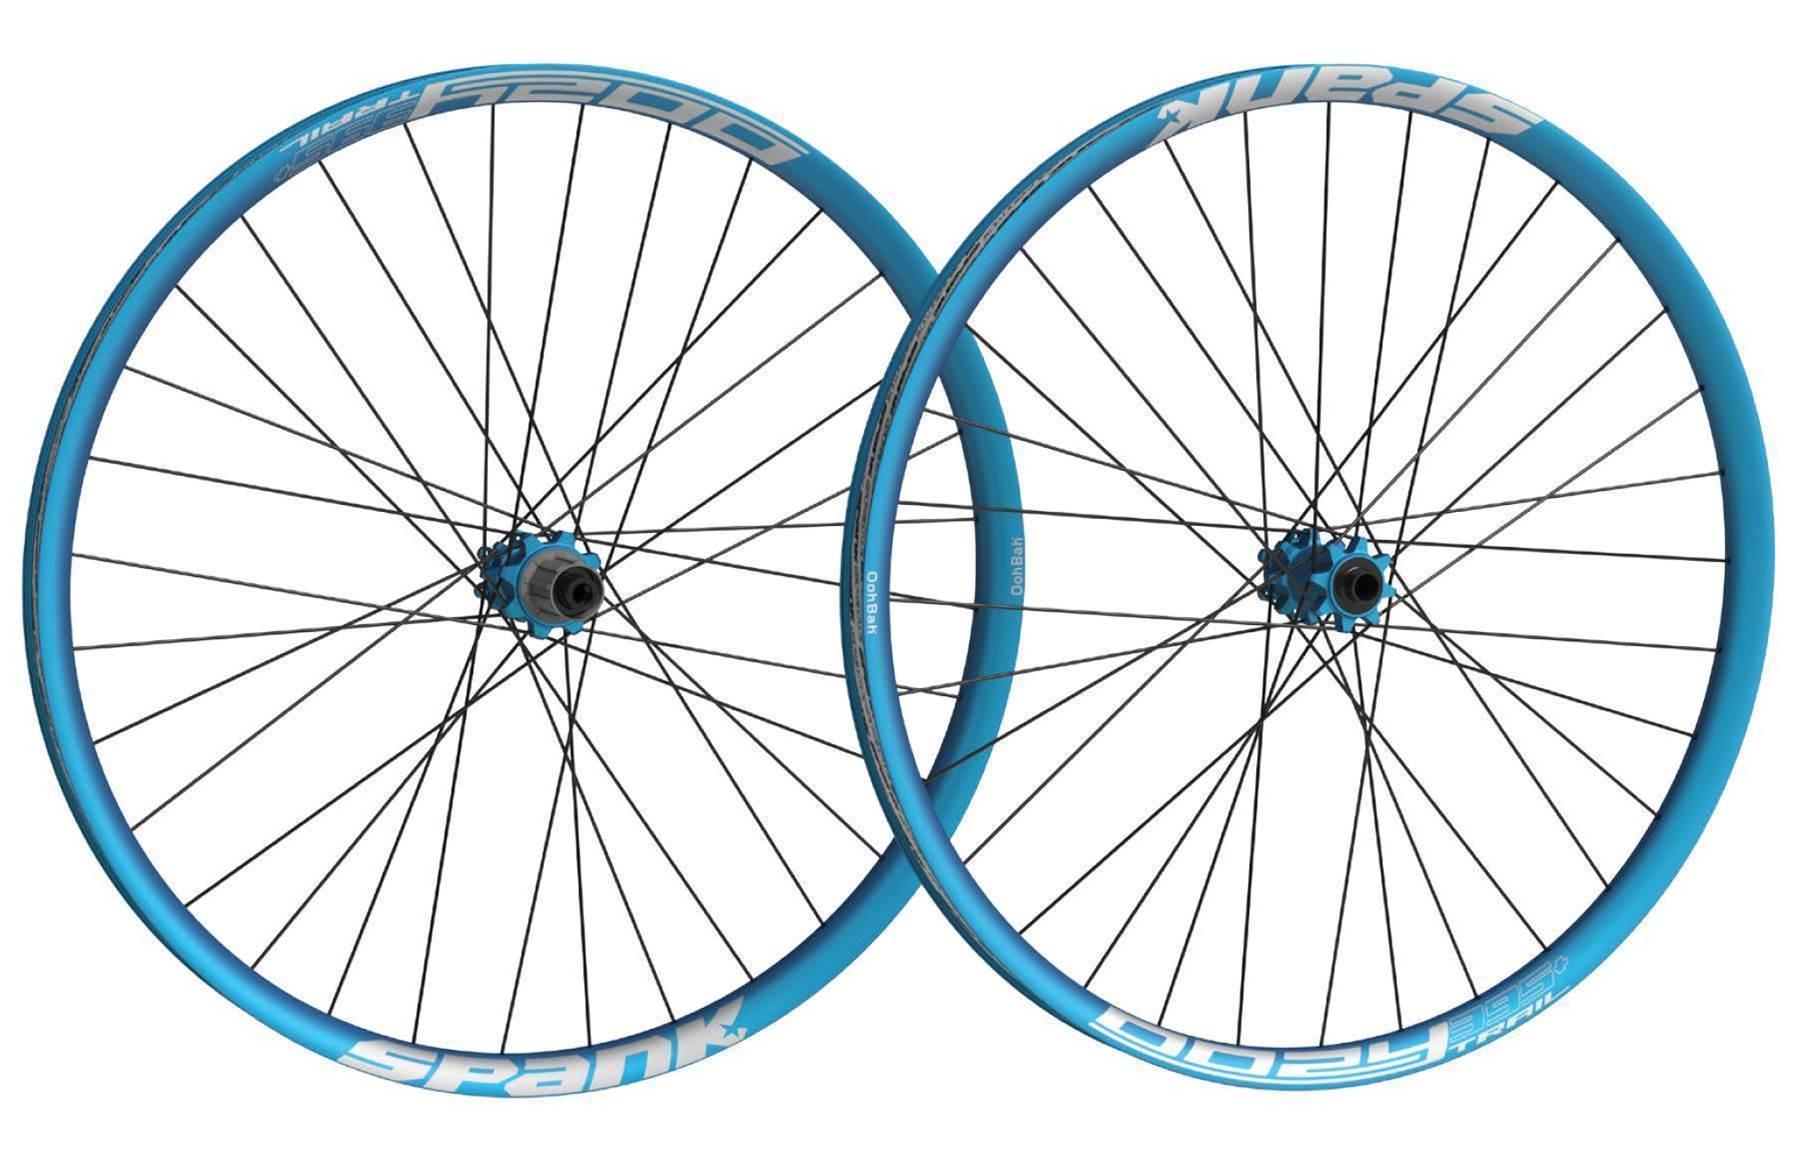 TESTED: Spank Oozy Trail 395+ Wheels